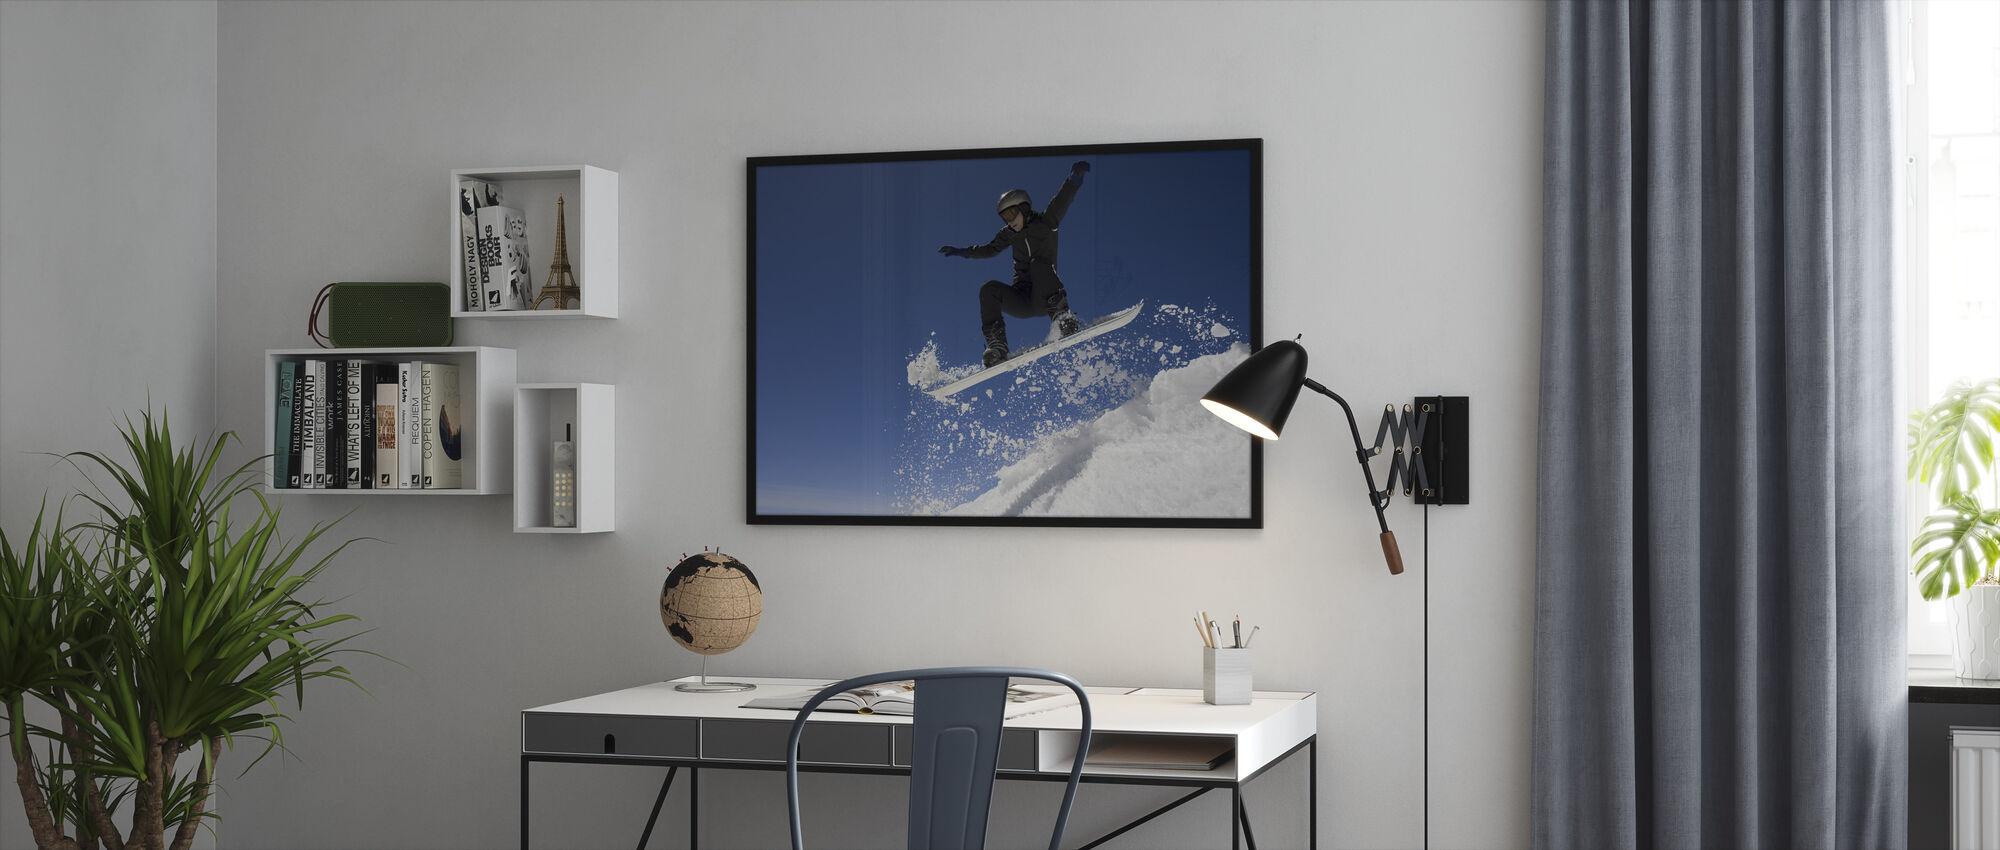 Lumilautailija hyppää ilmassa - Kehystetty kuva - Toimisto